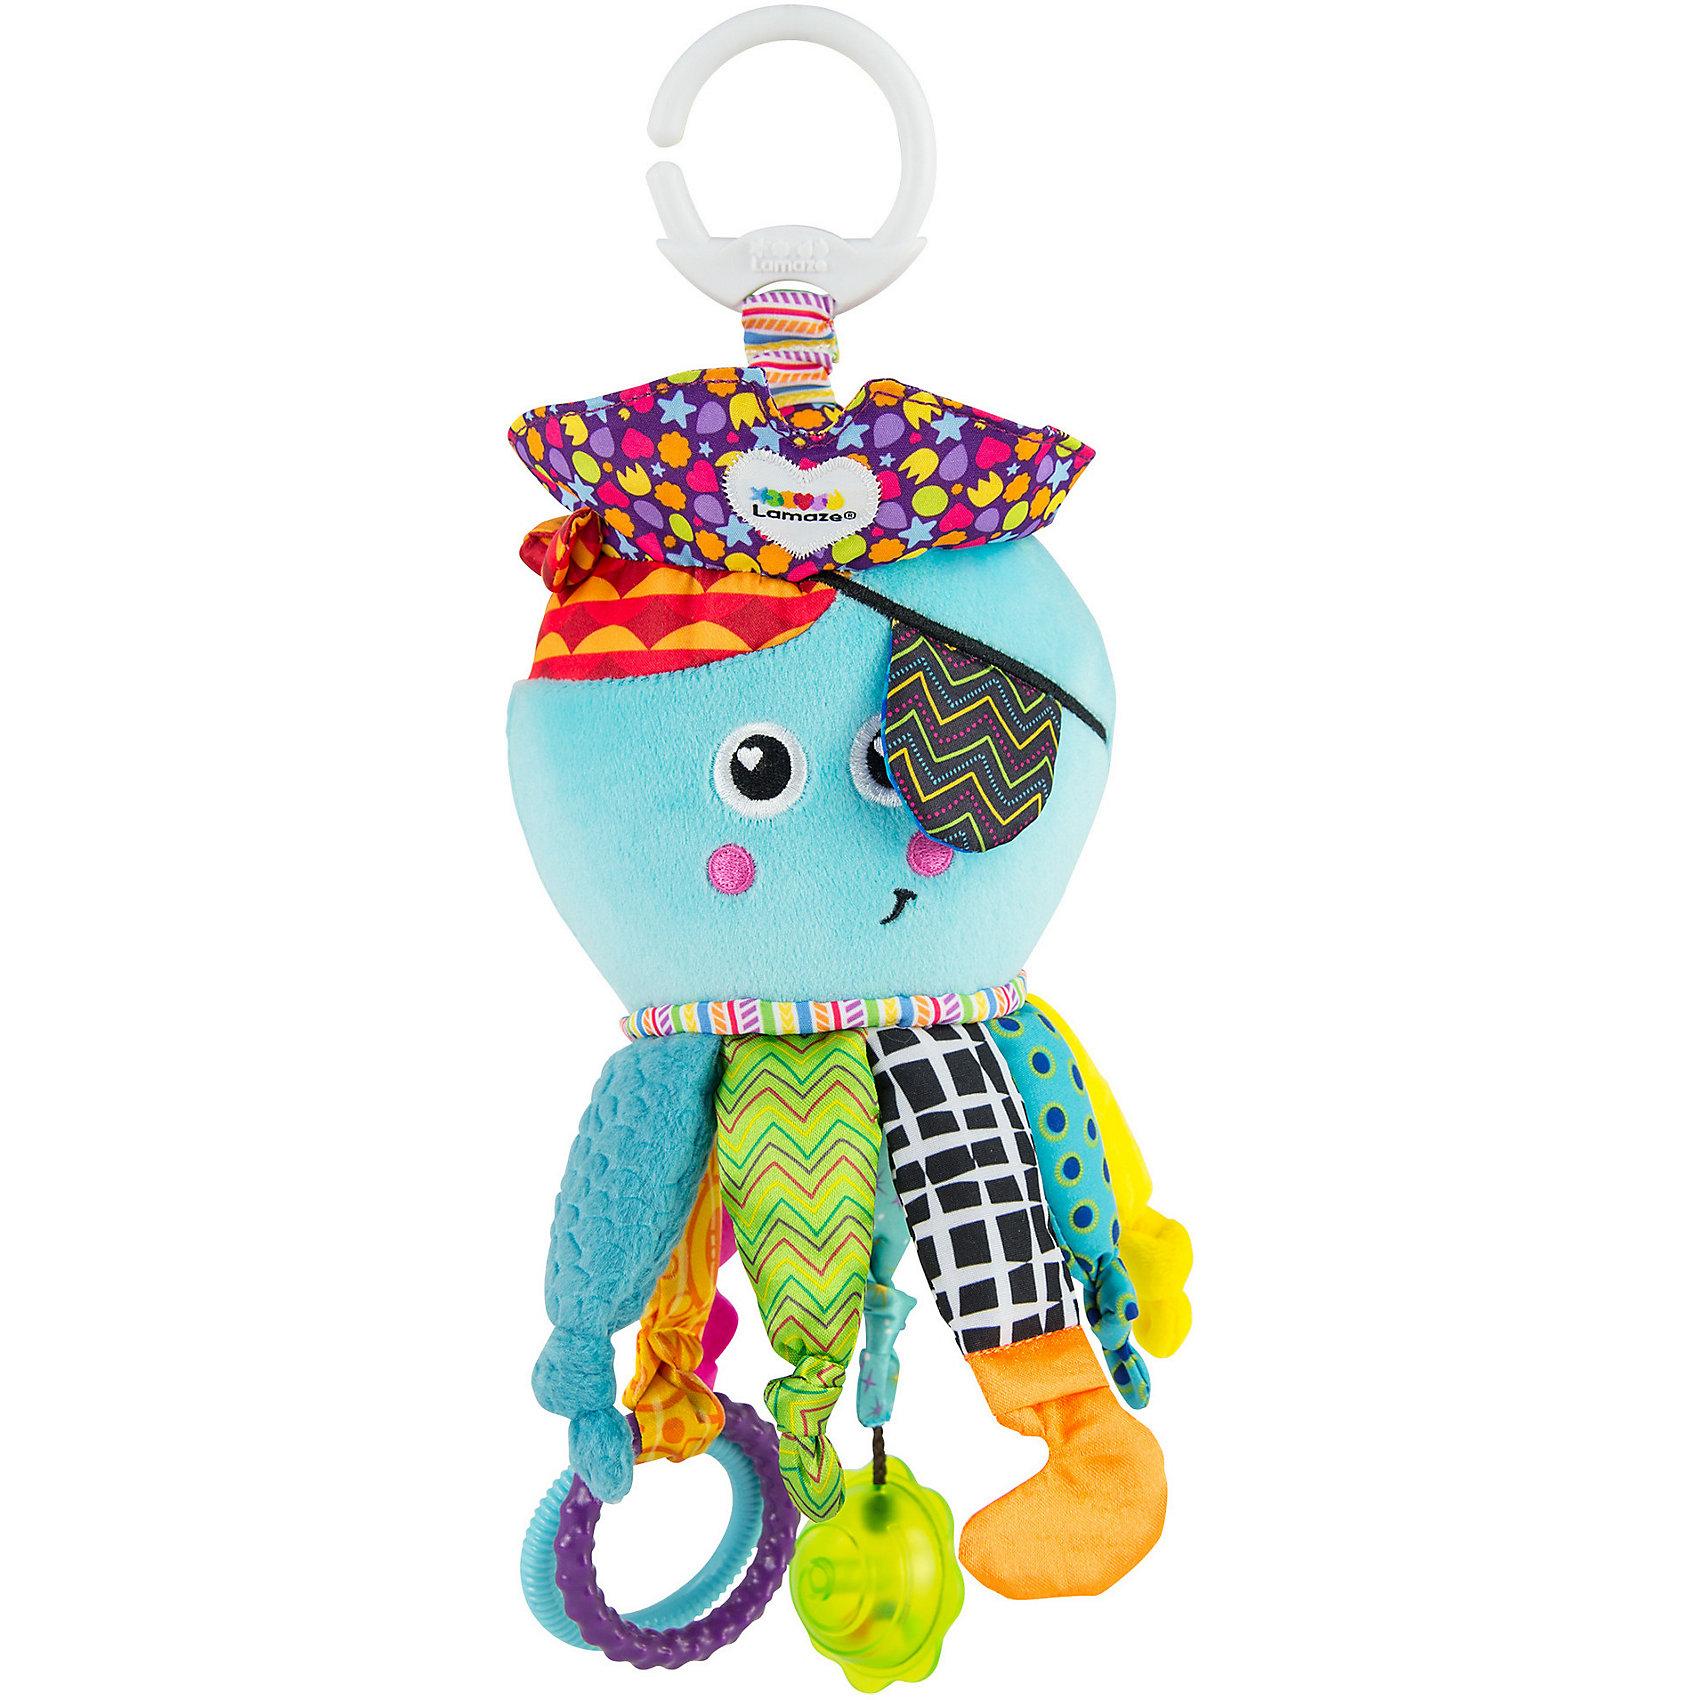 Игрушка Капитан Кальмар, LamazeПодвески<br>Яркая игрушка для самых маленьких обязательно полюбится крохе.  Выполнена из разноцветных материалов различной фактуры, что позволяет развивать мелкую моторику, сенсорное и цветовое восприятие. Капитан кальмар имеет приятную на ощупь шуршащую шляпу, безопасное зеркальце, несколько колец-прорезывателей и яркую погремушку. За кольцо, расположенное в верхней части, игрушку очень удобно подвешивать к кроватке, коляске или манежу. Веселый капитан Кальмар обязательно понравится крохе. <br><br>Дополнительная информация:<br><br>- Материал: пластик, текстиль.<br>- Размер одной погремушки: 25 см.<br>- Цвет: разноцветный.<br>- Звуковые эффекты: погремушка.<br>- Кольца-прорезыватели, безопасное зеркало.<br><br>Игрушку Капитан Кальмар, Lamaze можно купить в нашем магазине.<br><br>Ширина мм: 232<br>Глубина мм: 132<br>Высота мм: 93<br>Вес г: 157<br>Возраст от месяцев: 0<br>Возраст до месяцев: 18<br>Пол: Унисекс<br>Возраст: Детский<br>SKU: 2022605